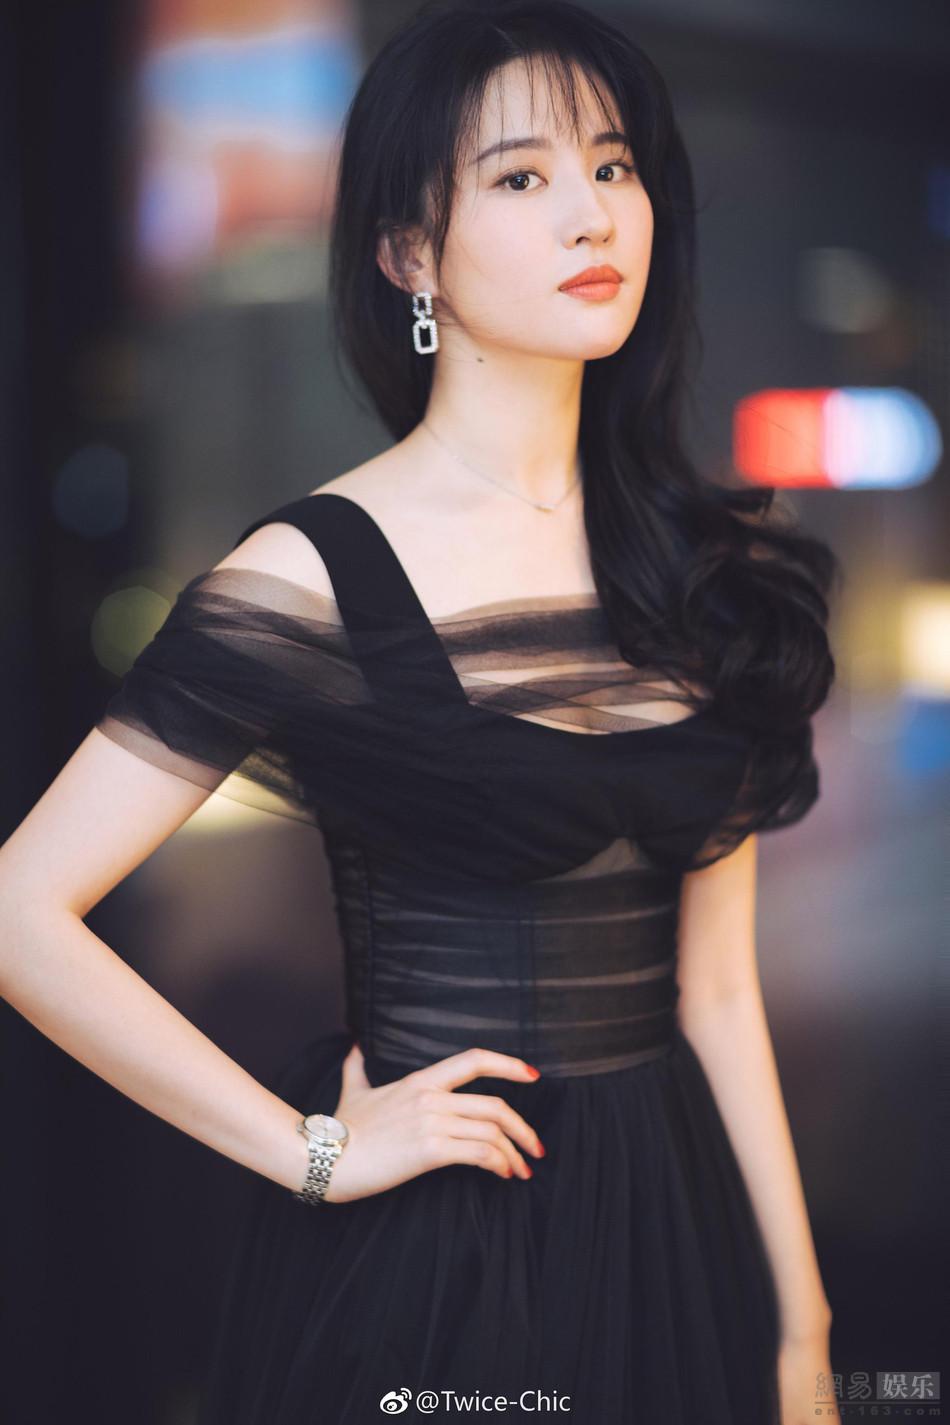 刘亦菲穿黑纱长裙优雅大气 秀天鹅颈仙气足